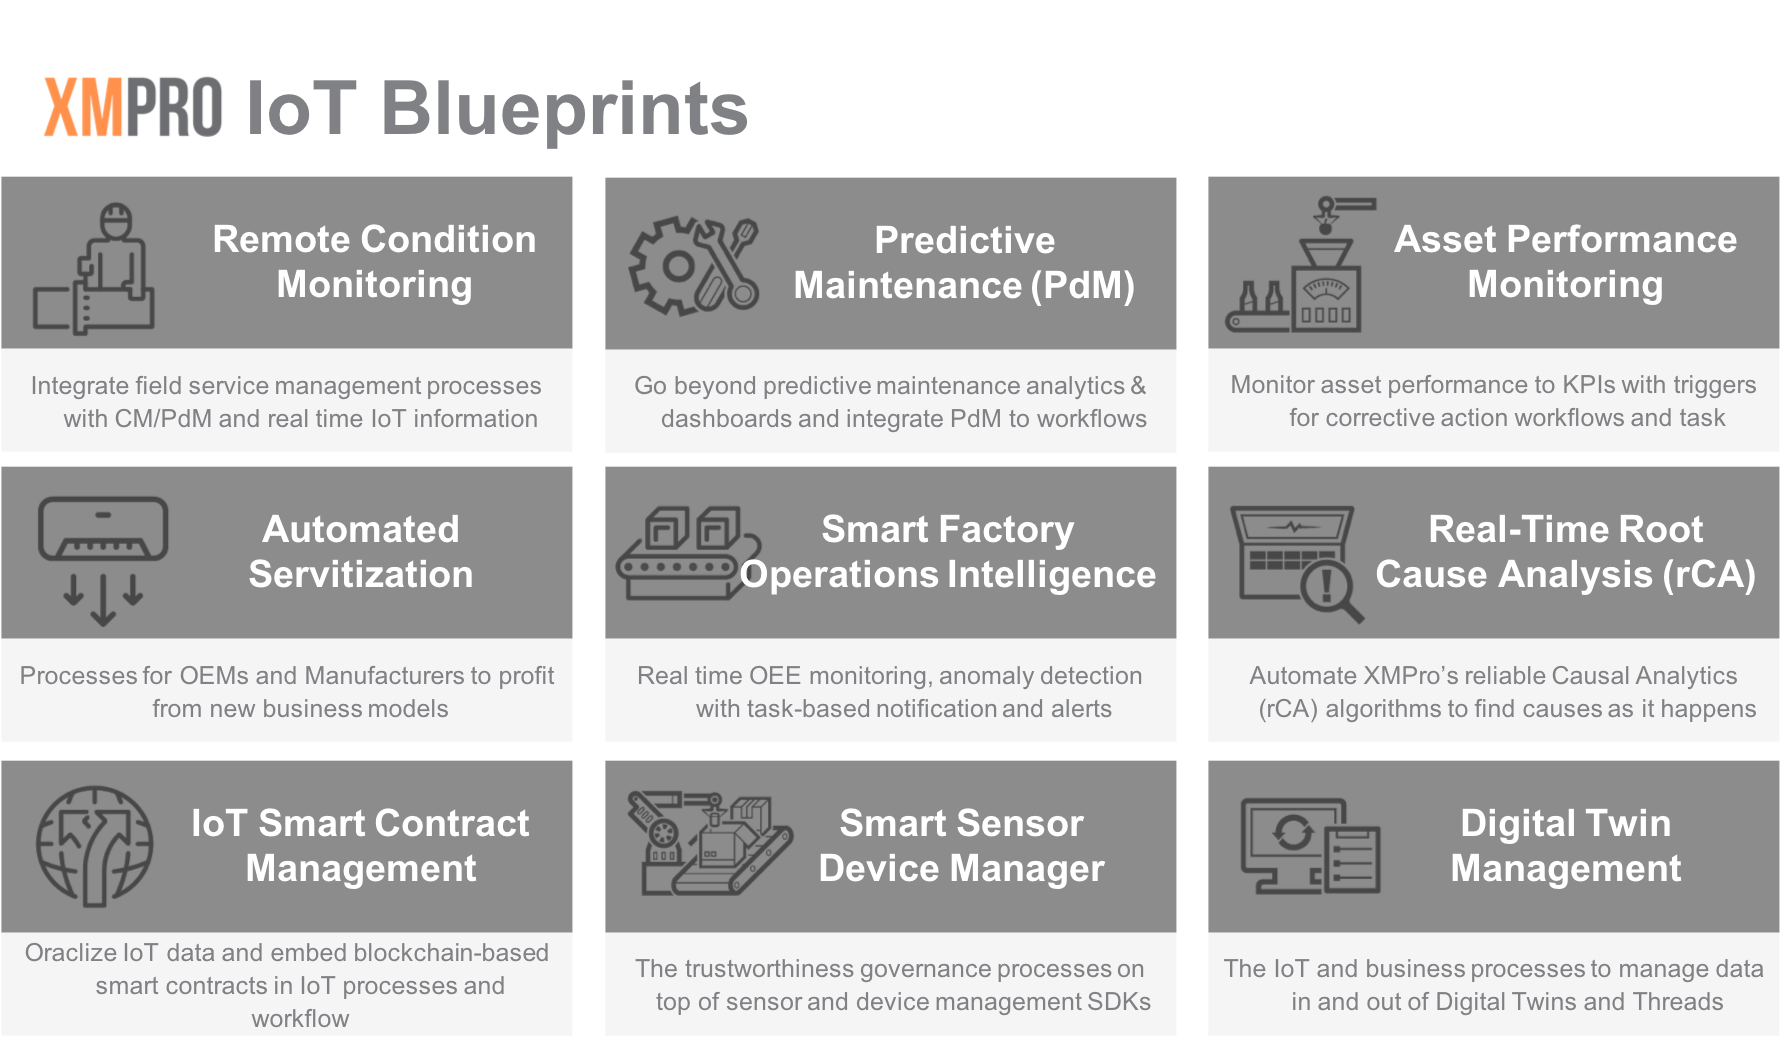 XMPro IoT Blueprints